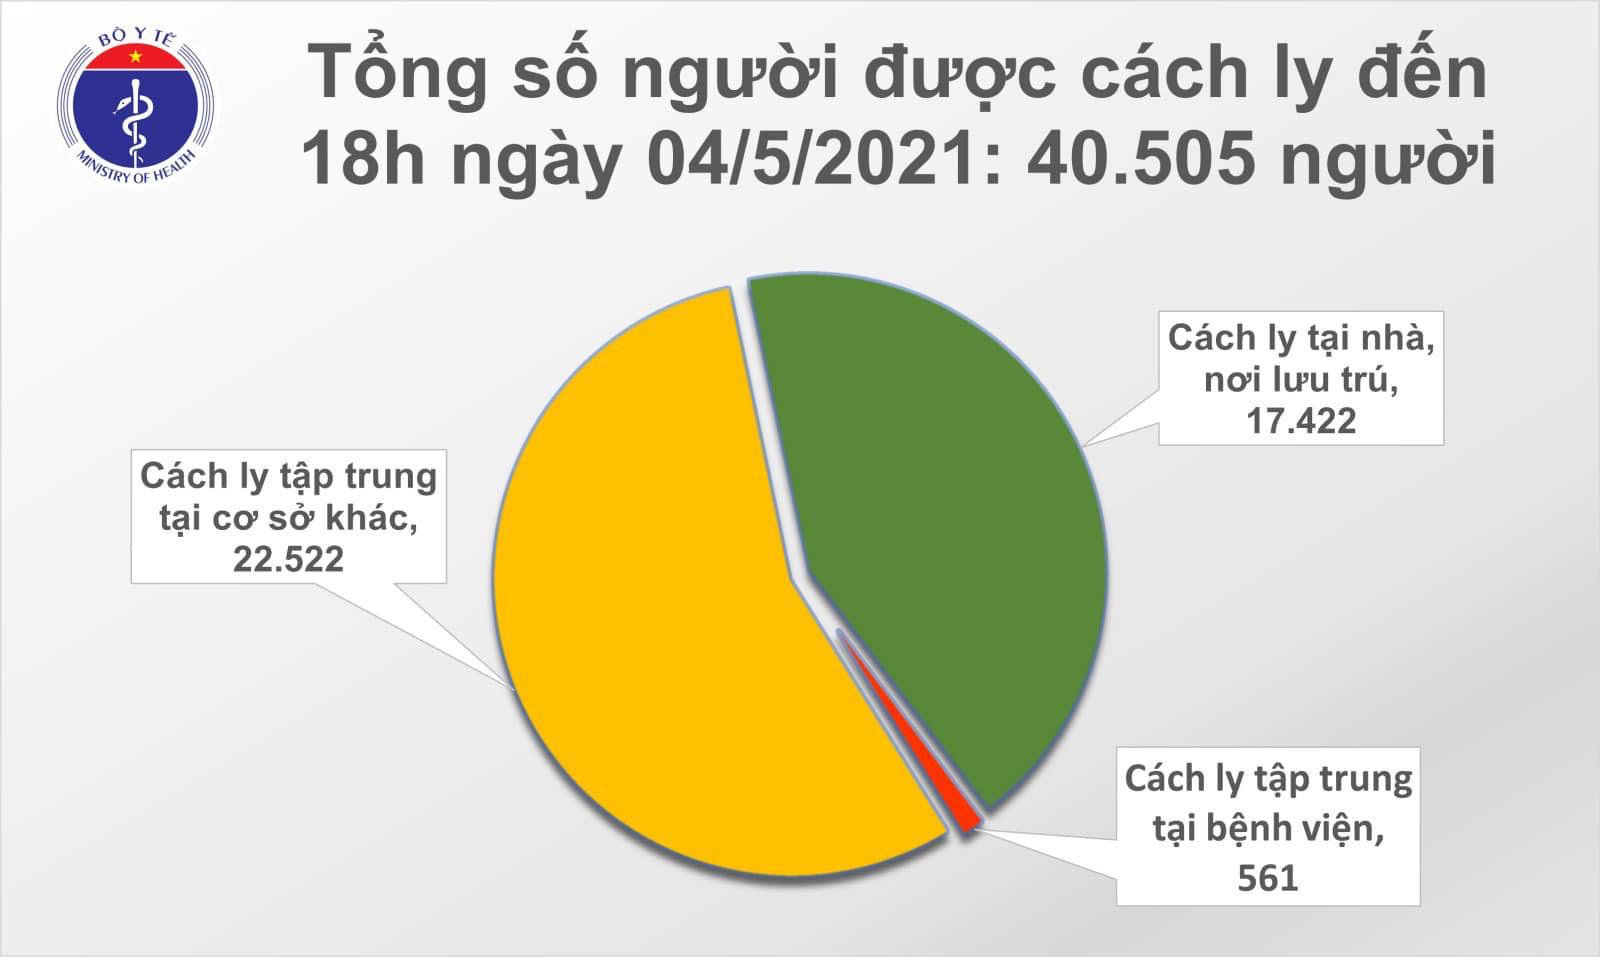 Chiều 4/5 có thêm 11 ca Covid-19, trong đó 1 ca lây nhiễm cộng đồng - Ảnh 2.